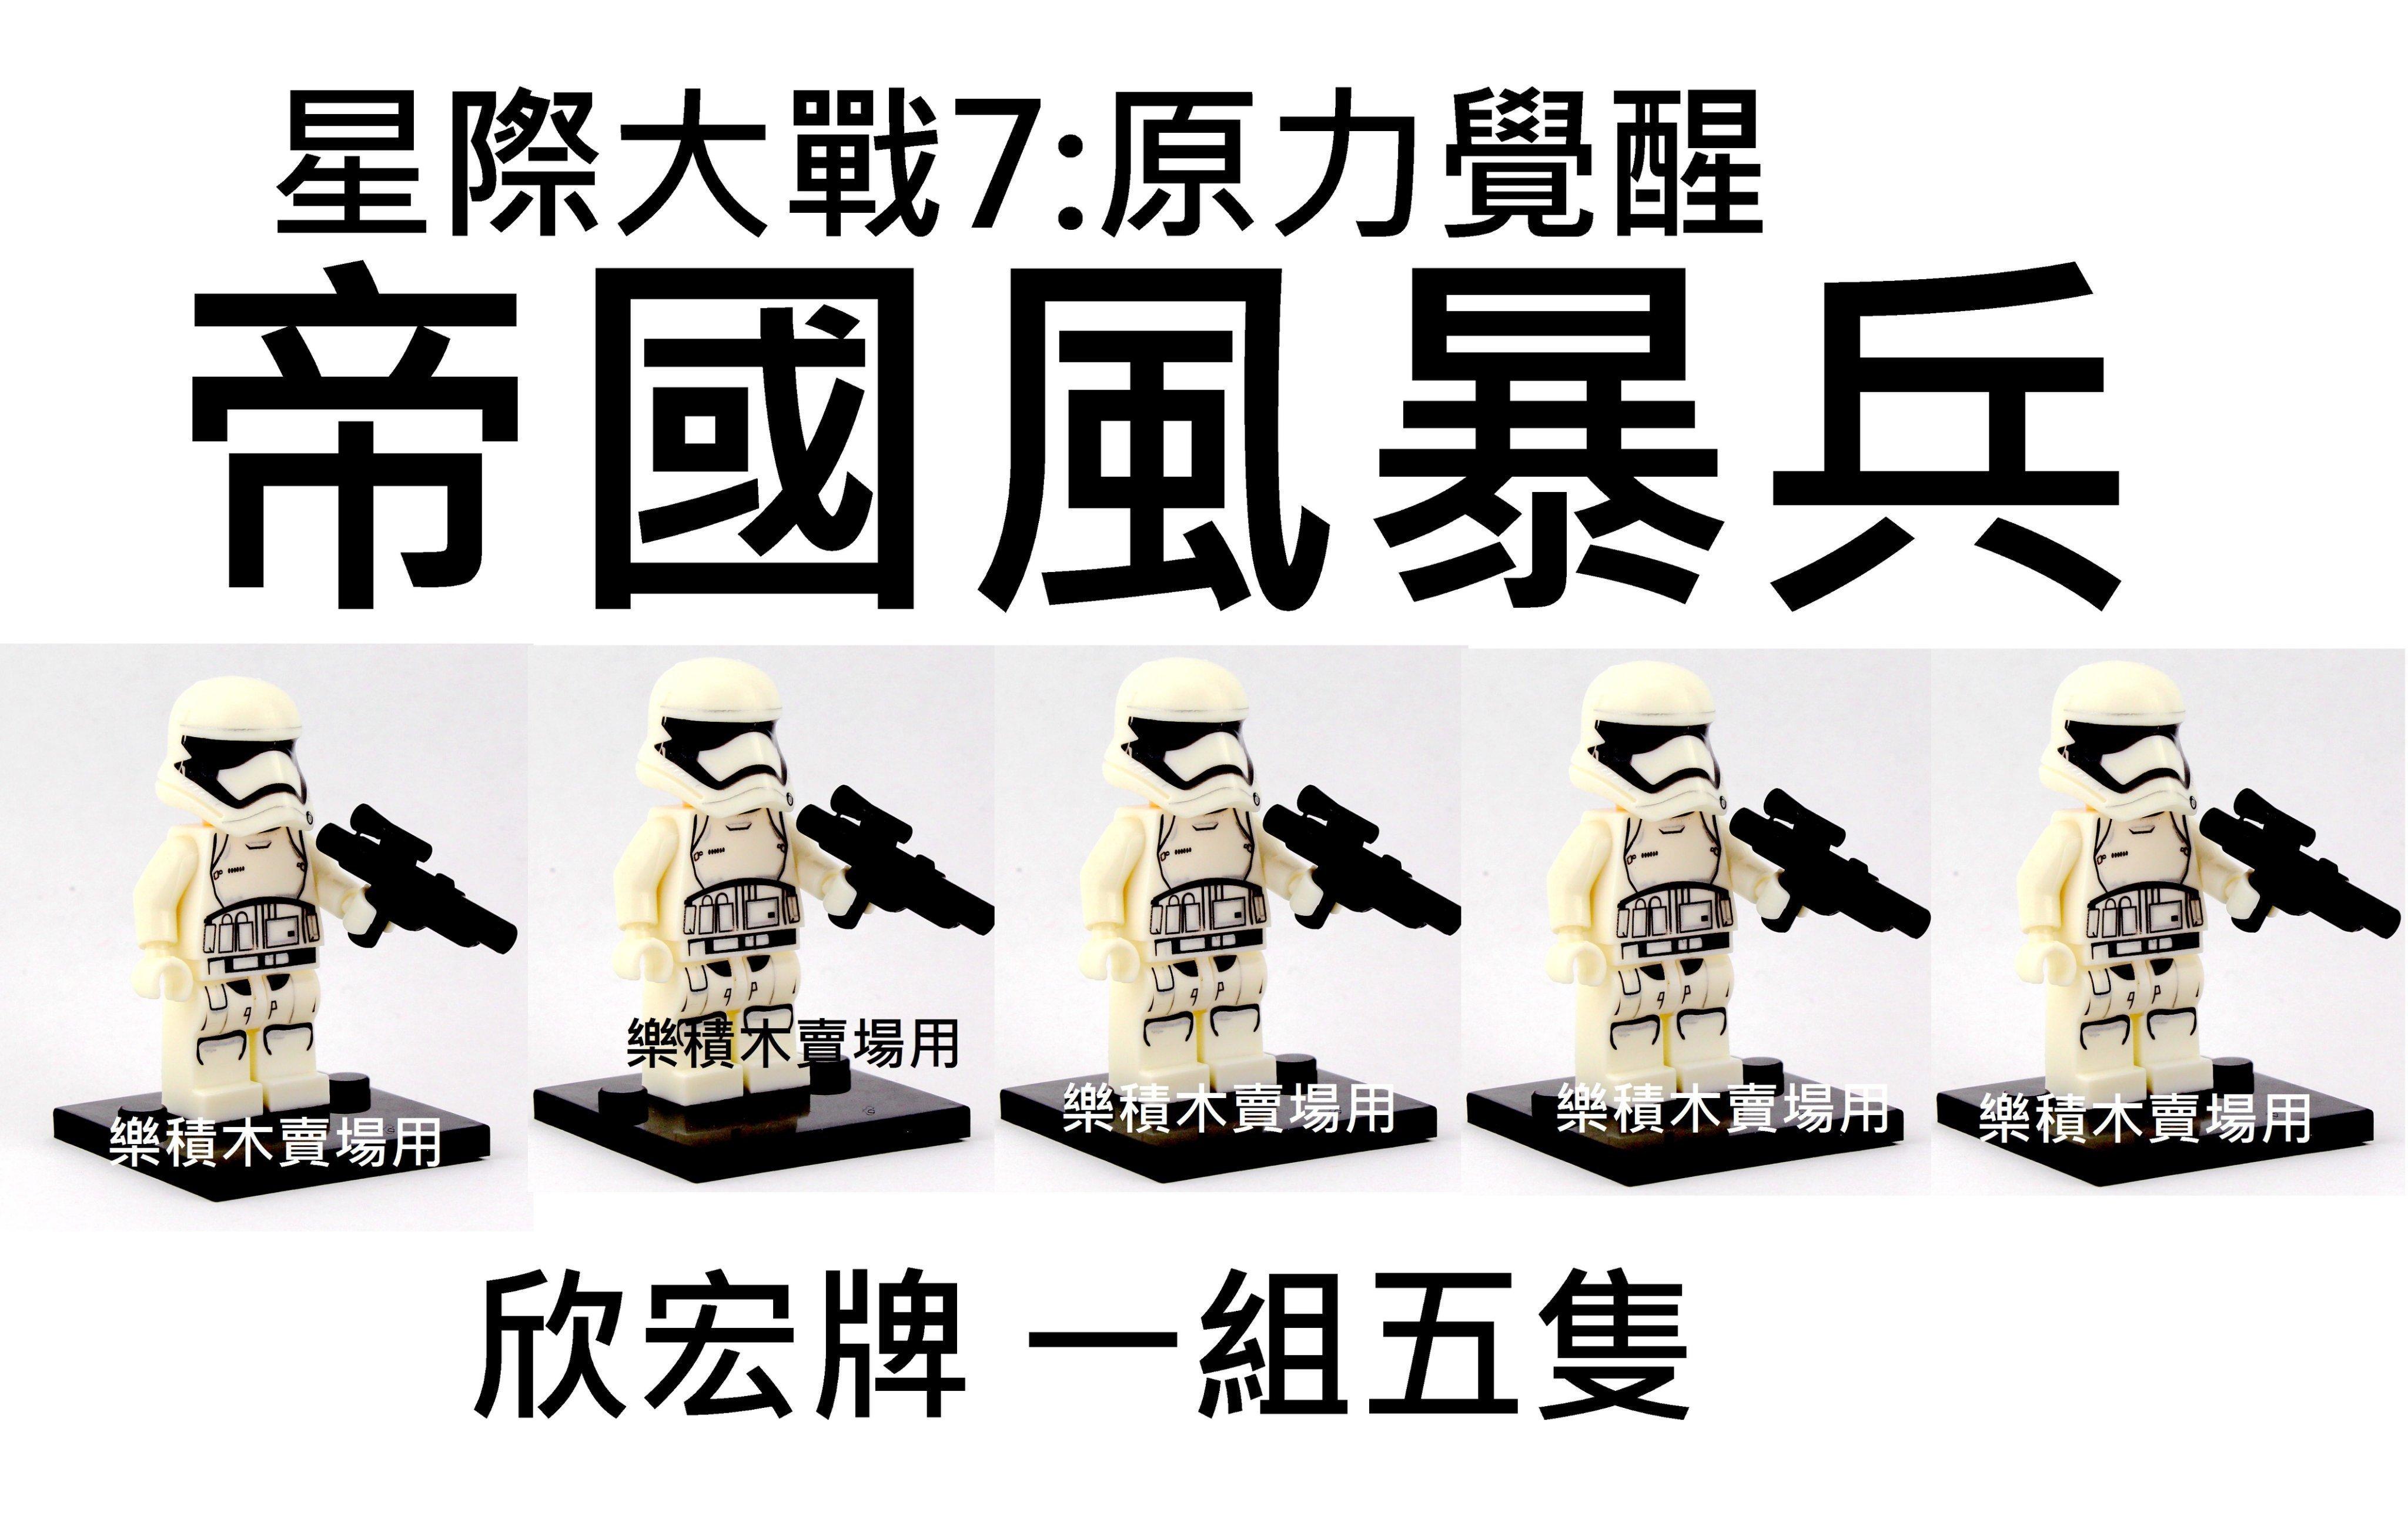 樂積木【當日出貨】欣宏牌 帝國風暴兵 一組五隻 袋裝 非樂高LEGO相容黑武士星際大戰7原力覺醒西斯光劍